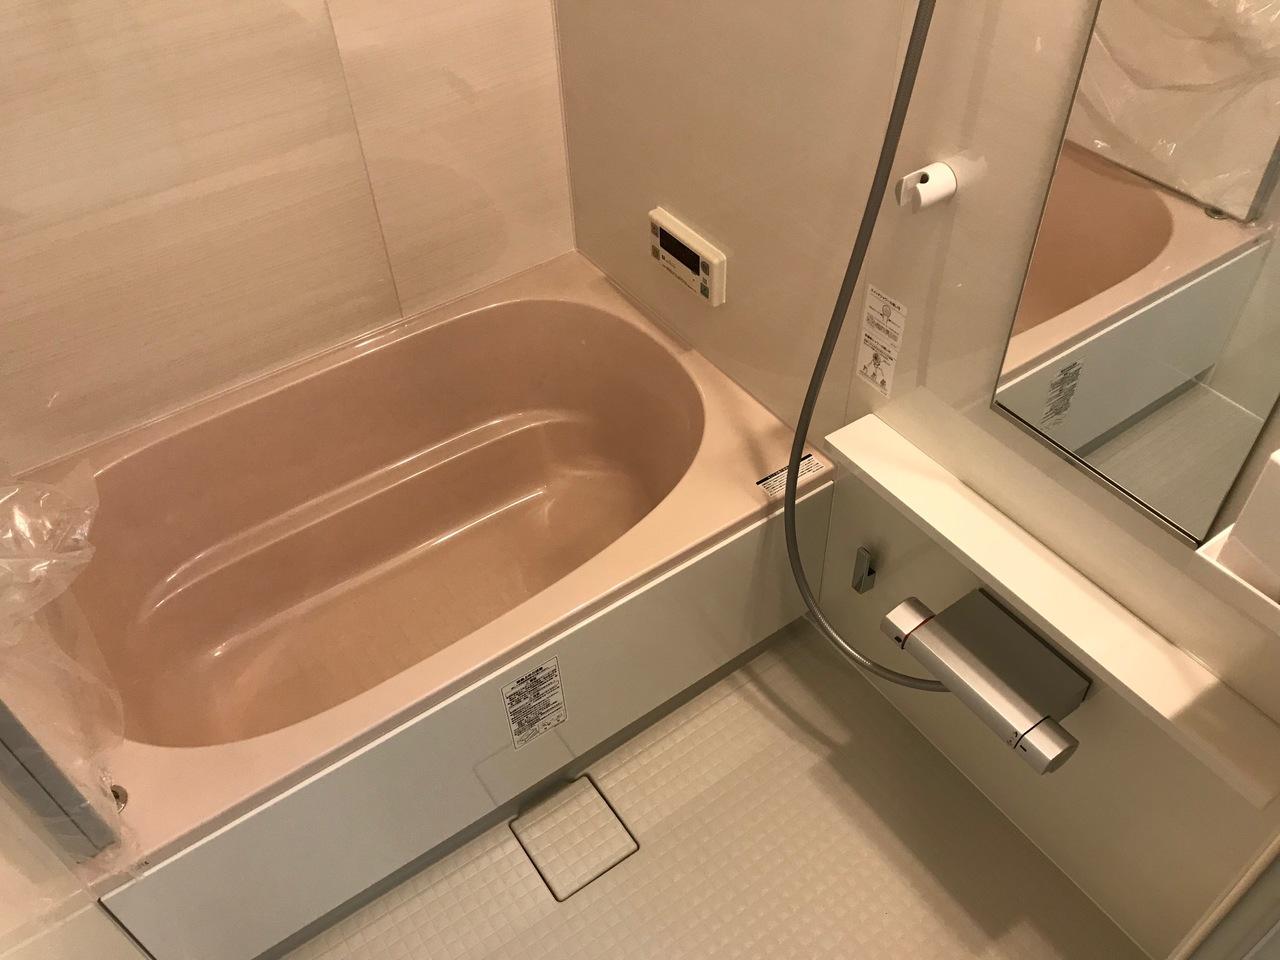 足をのばしてゆったりできる浴室